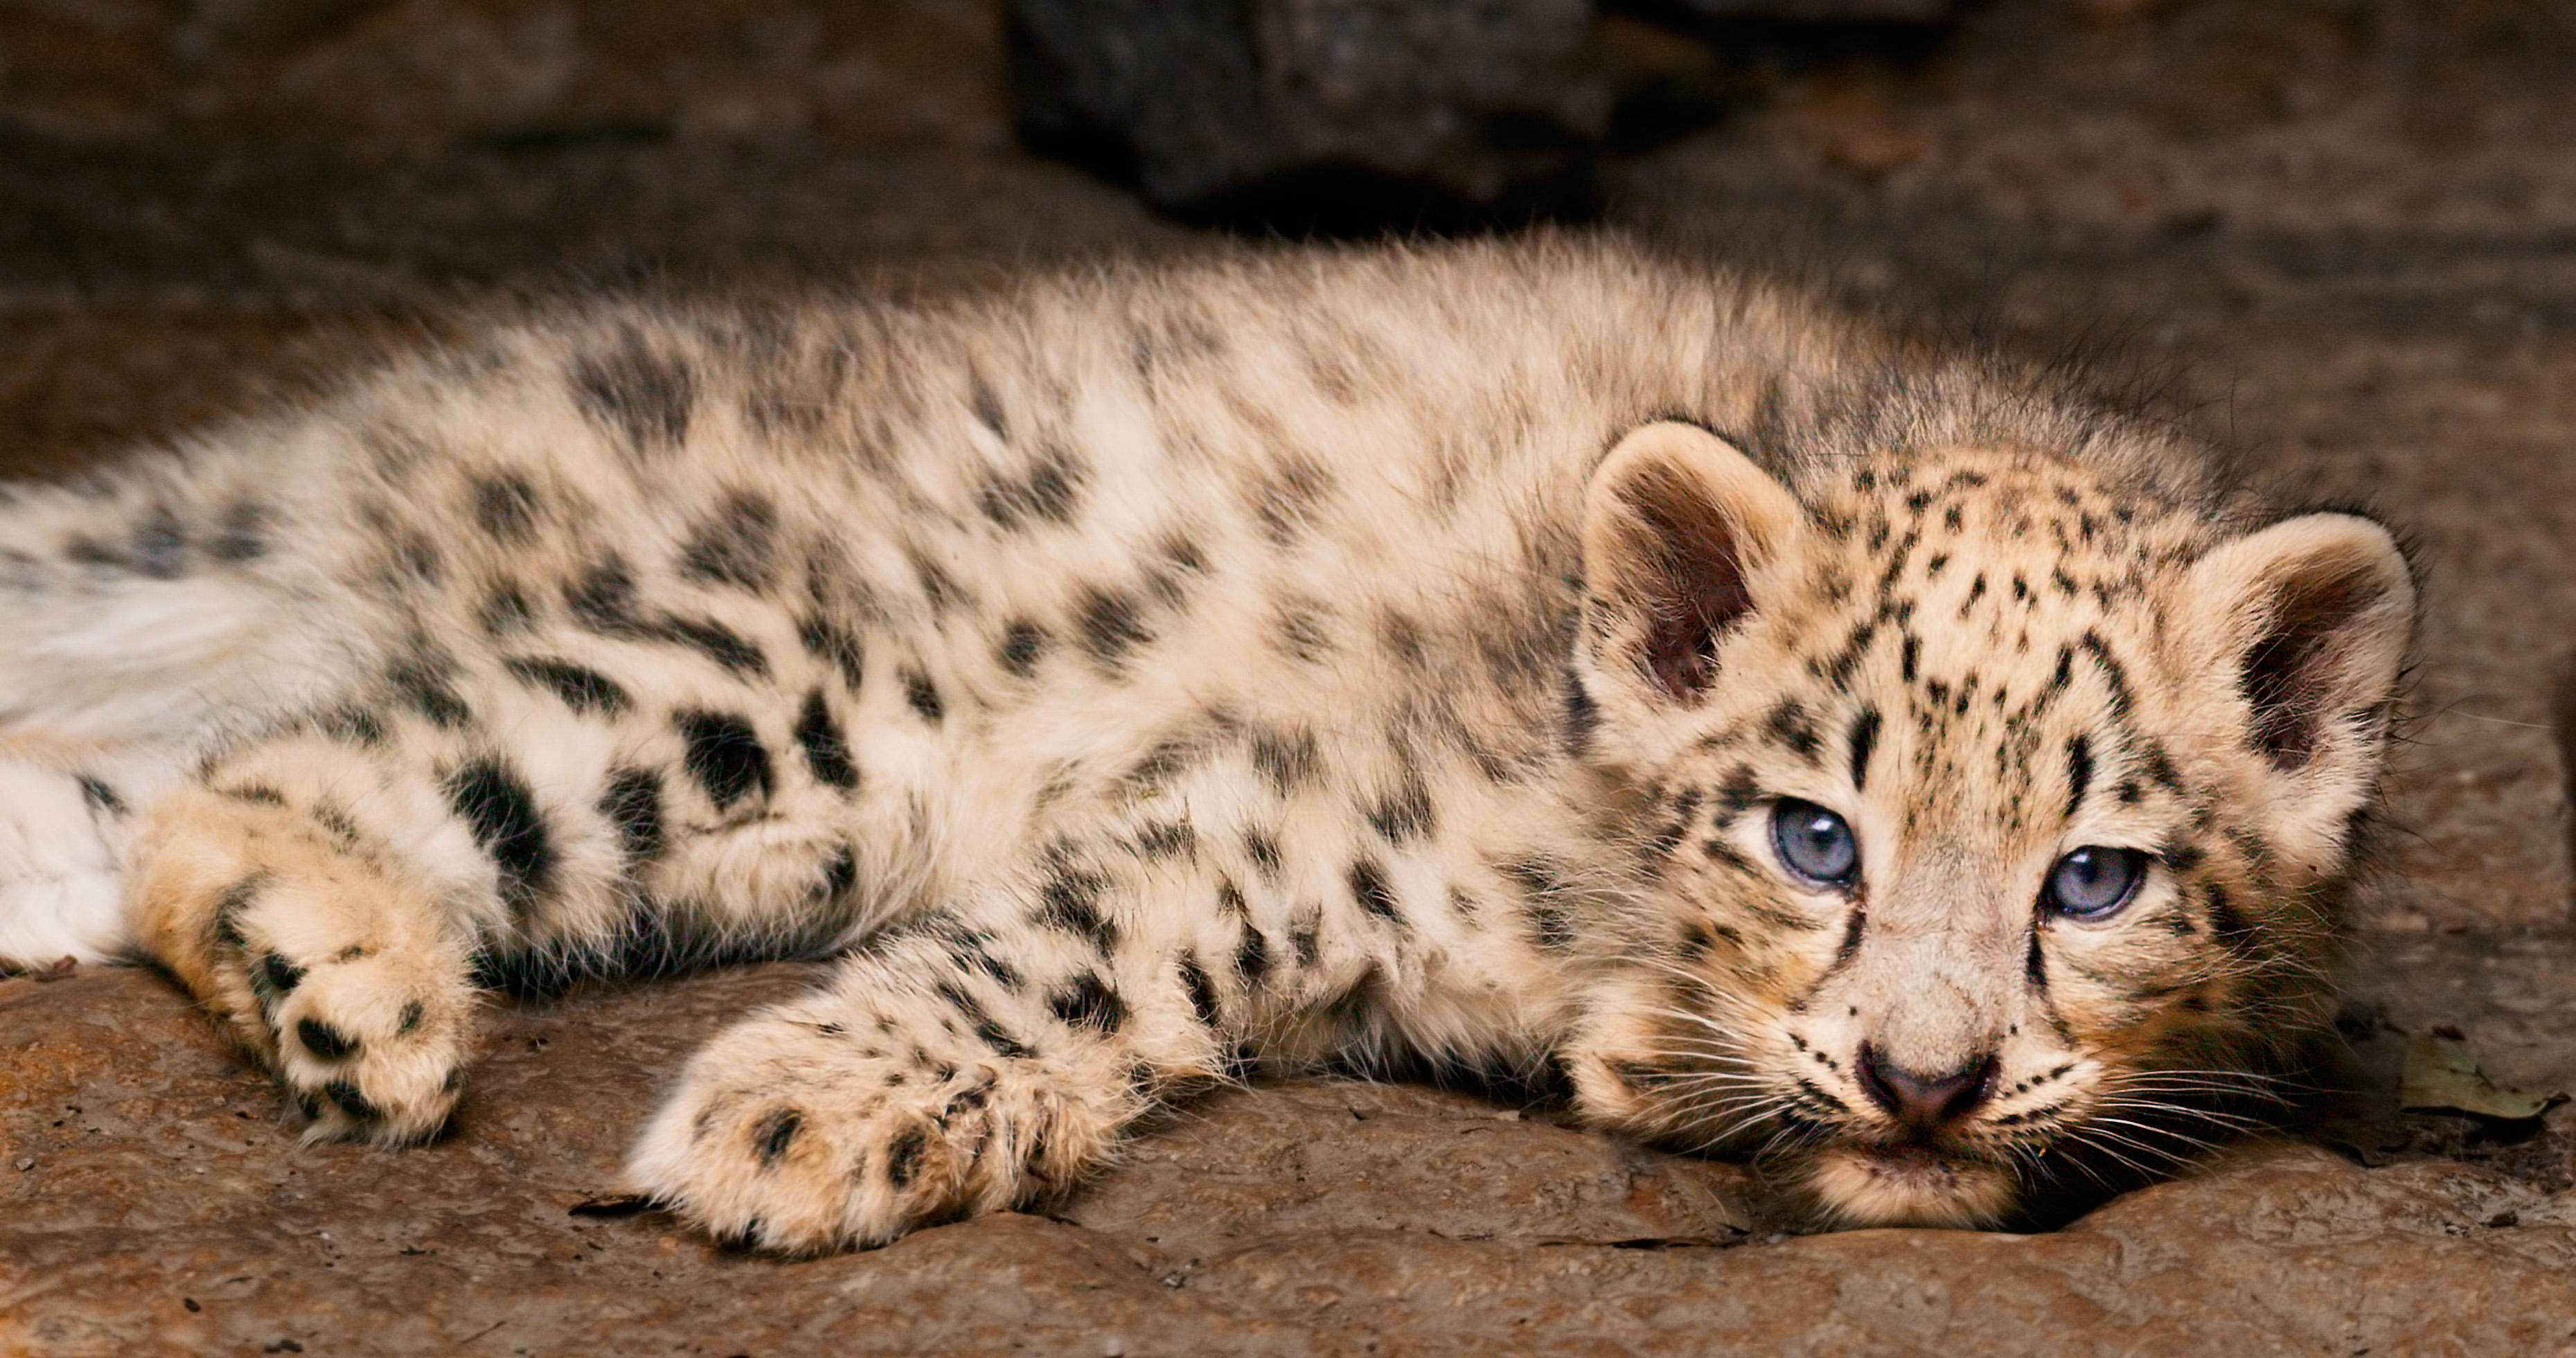 Character: Dawa's cub - Snow Leopard